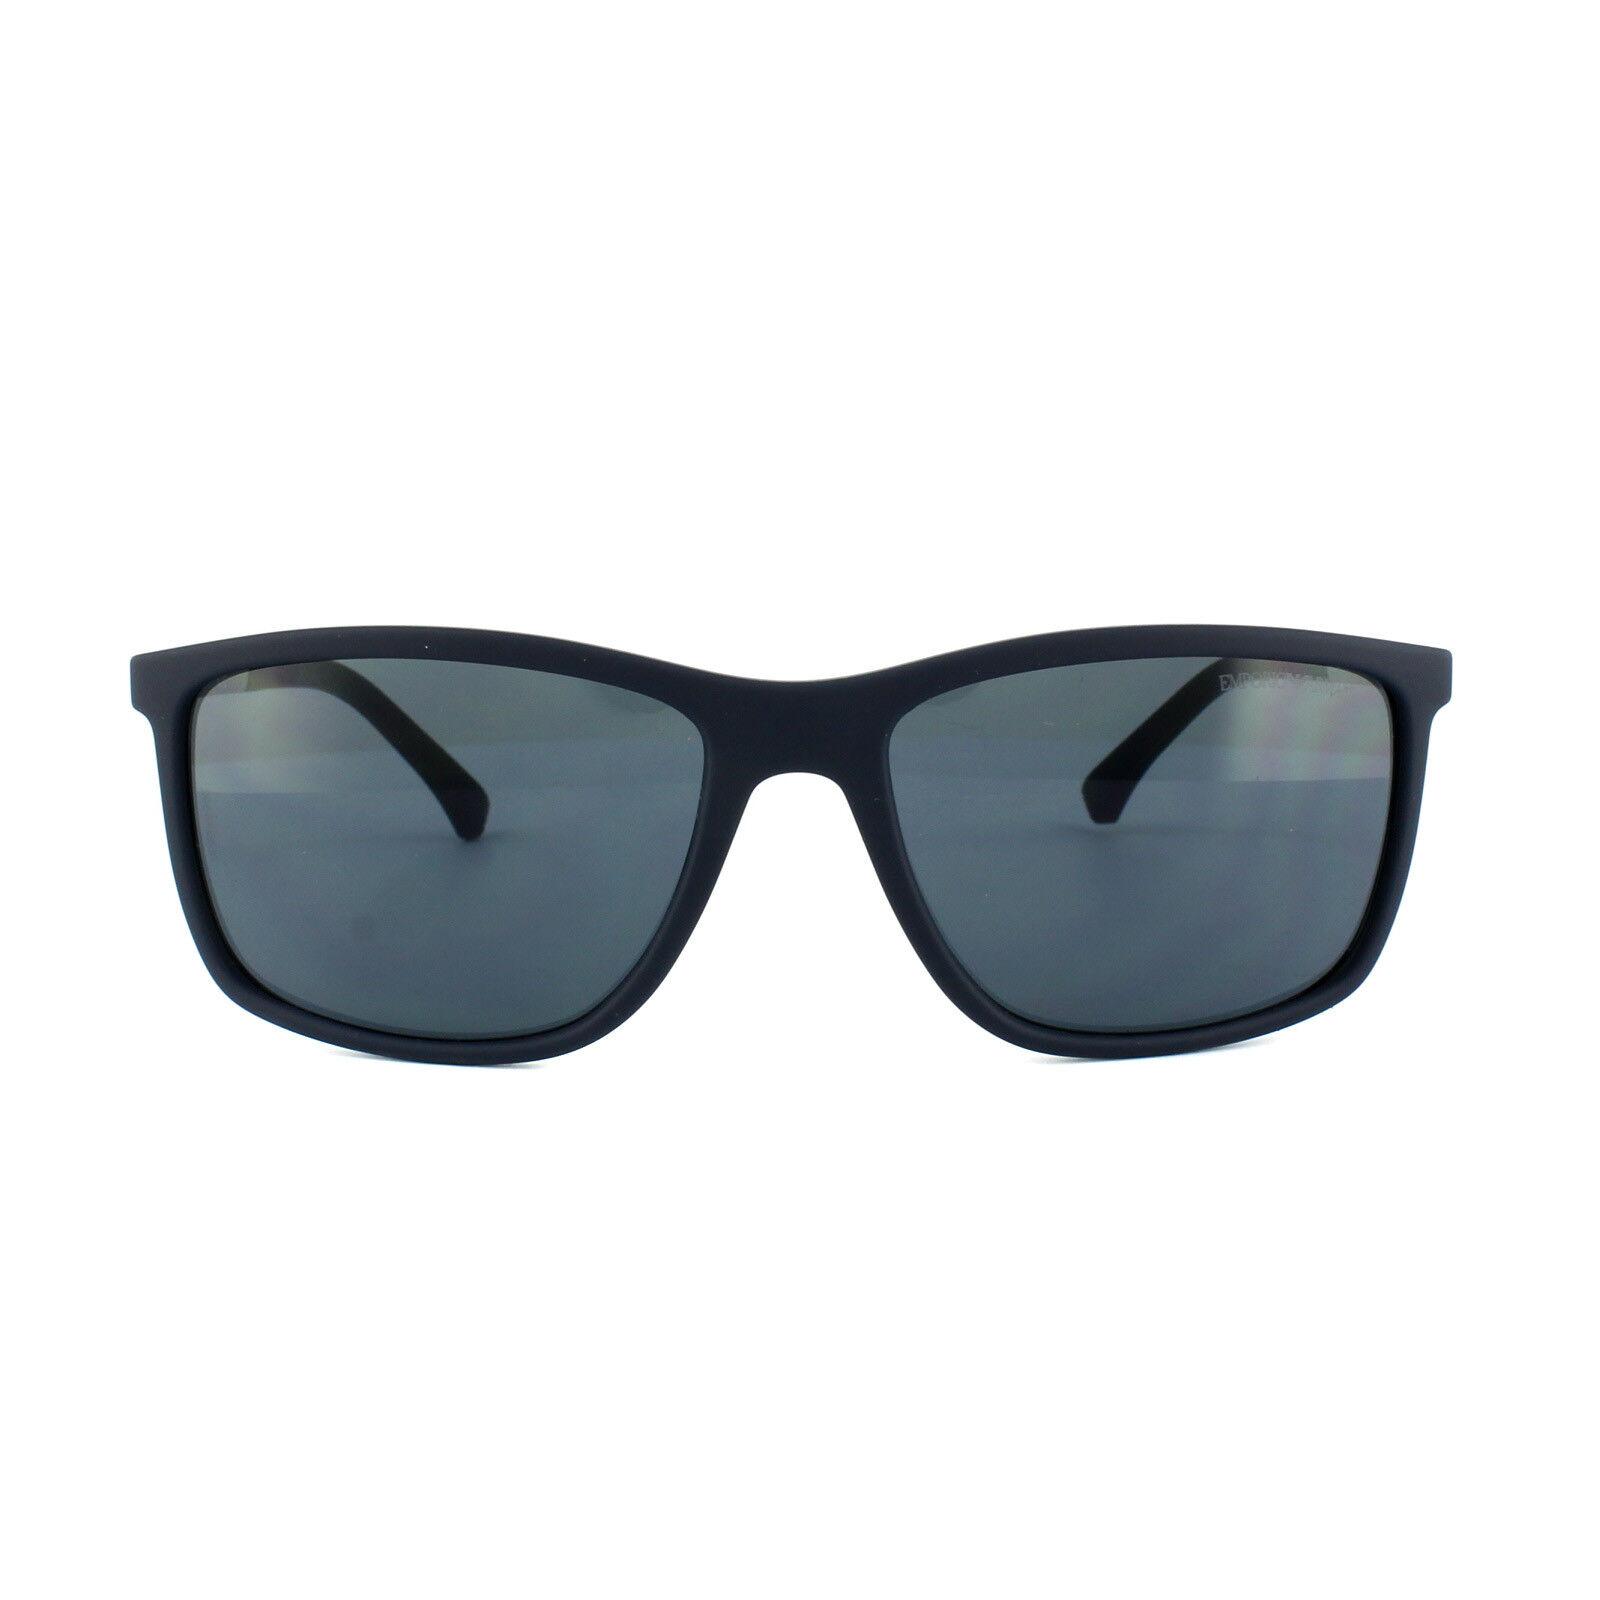 Men Sunglasses Emporio Armani Ea4058 547487 58   eBay 5ce6c1a580